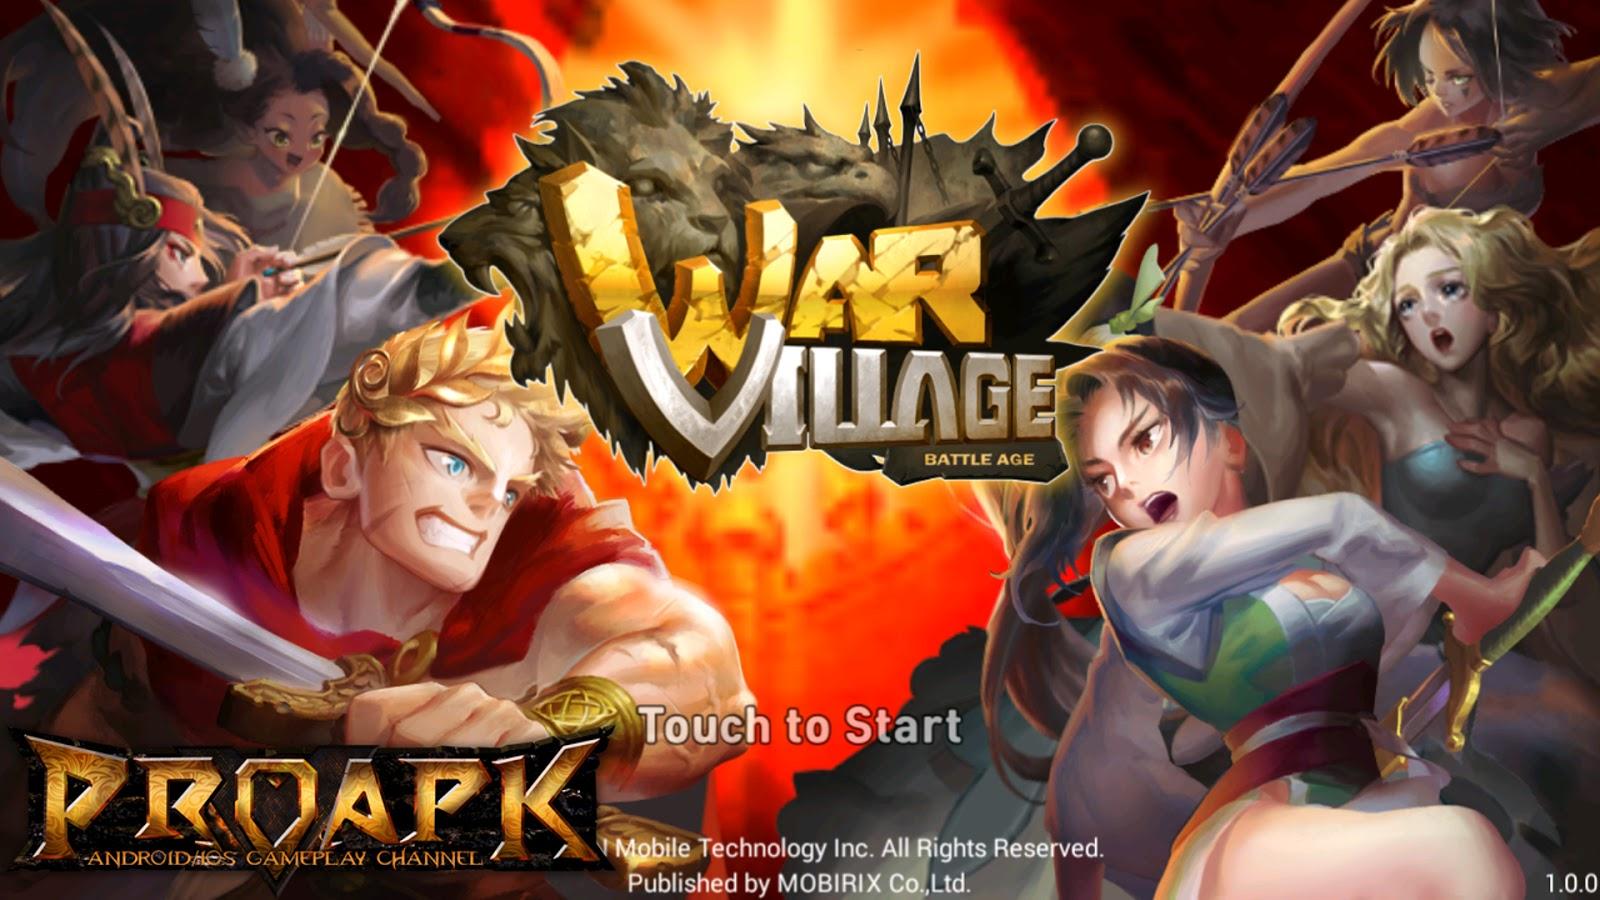 War Village